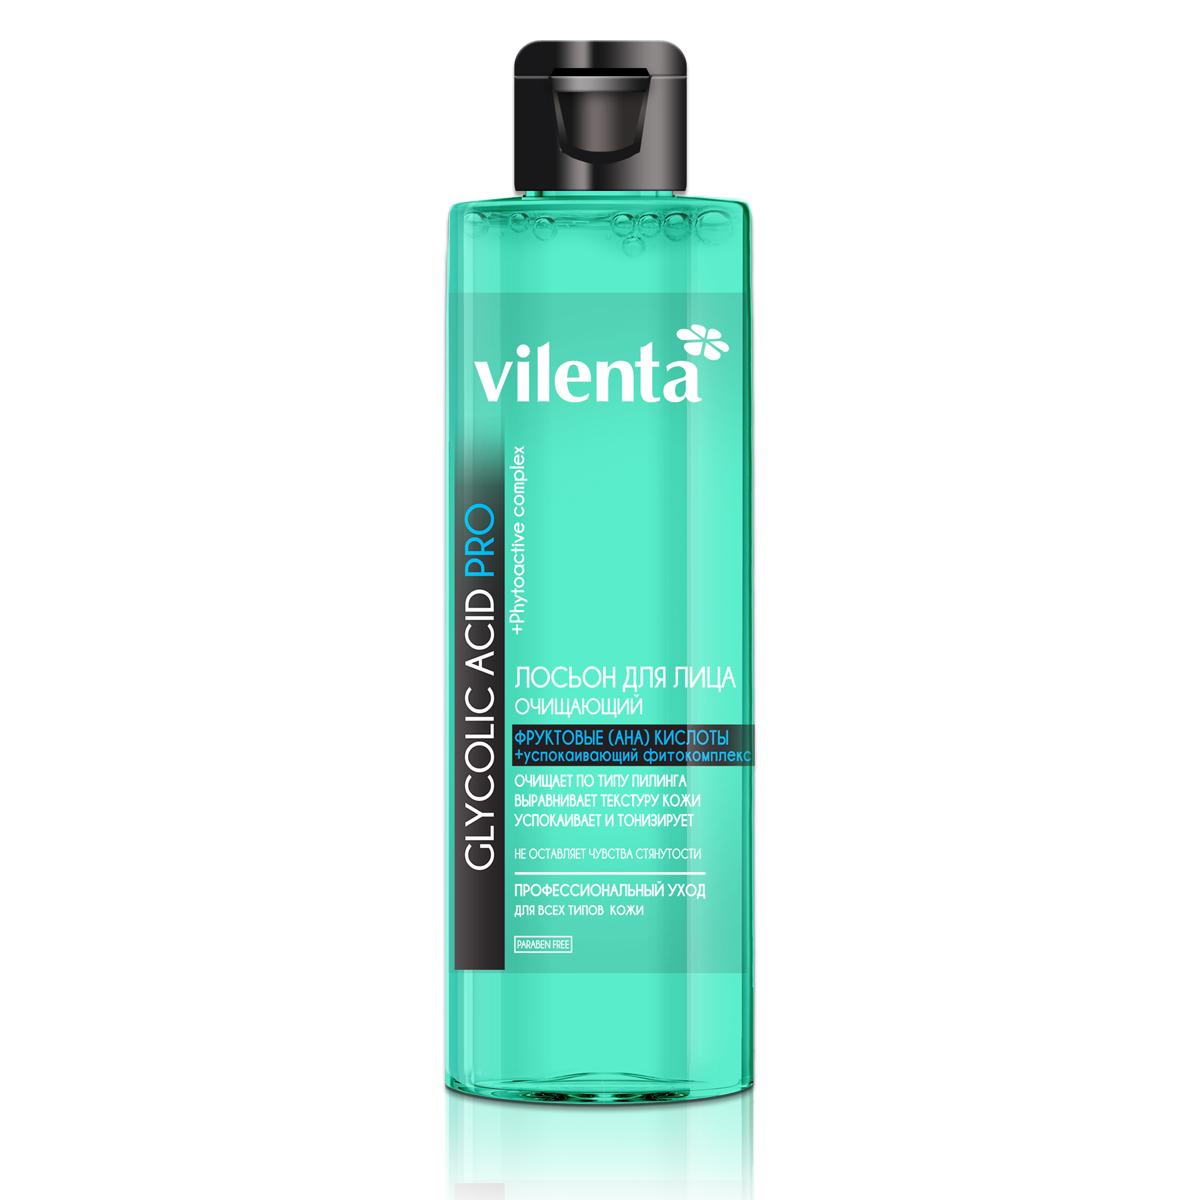 Vilenta Лосьон для лица Очищающий Glycolic Acid Pro, 200 млFS-00897Благодаря эффективному очищающему комплексу из фруктовых альфа-гидроксикислот (гликолевая, молочная, яблочная, лимонная, винная) лосьон великолепно очищает кожу лица. Снимает чувство стянутости.